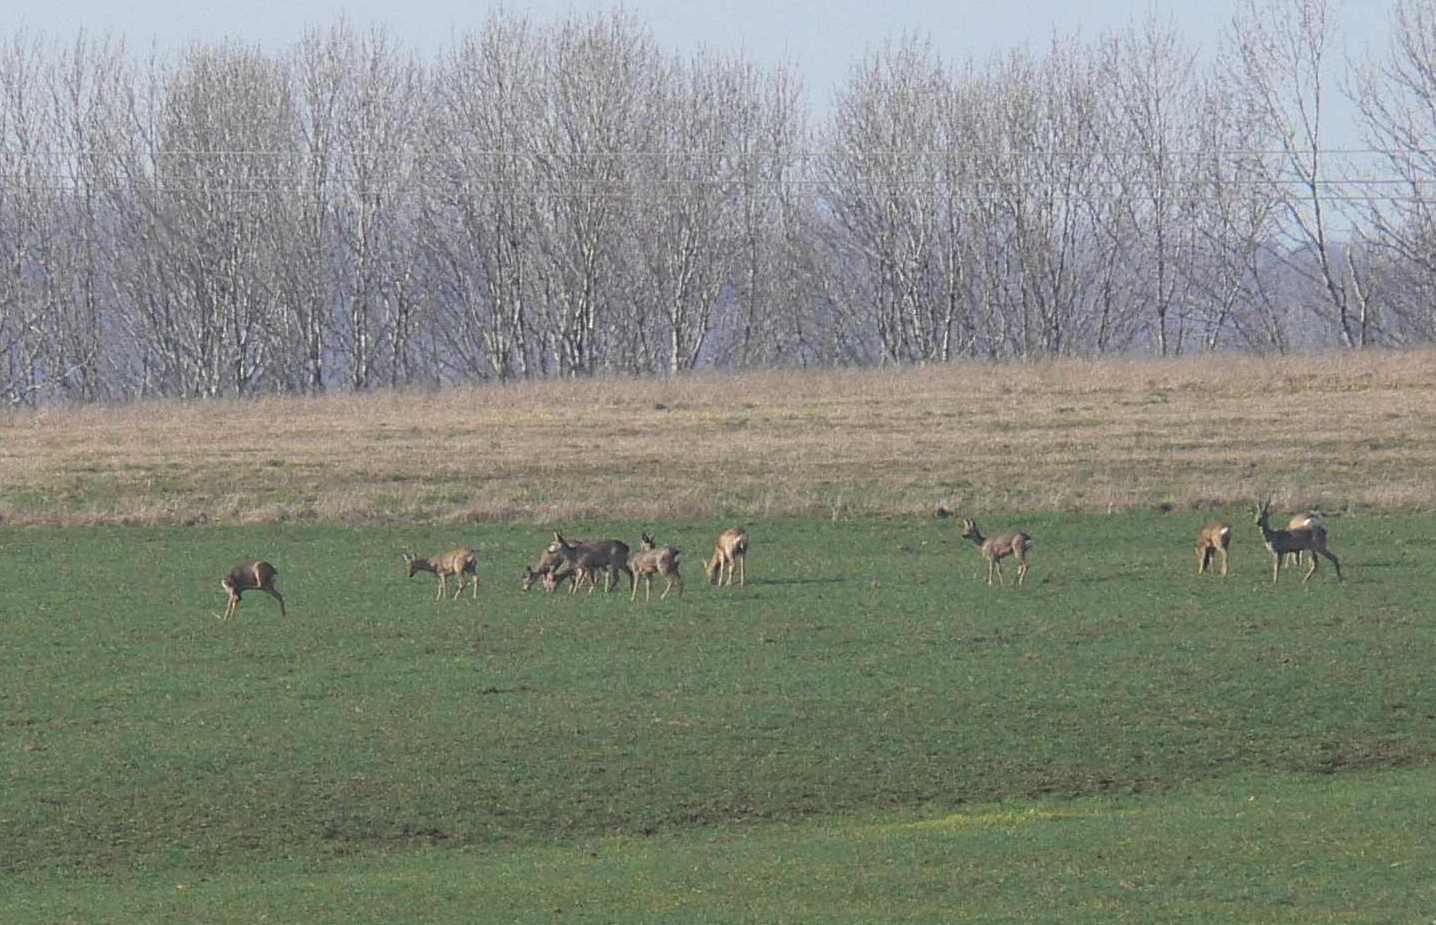 http://www.mroczko.com.pl/zdjecia/Mcze/fauna.jpg